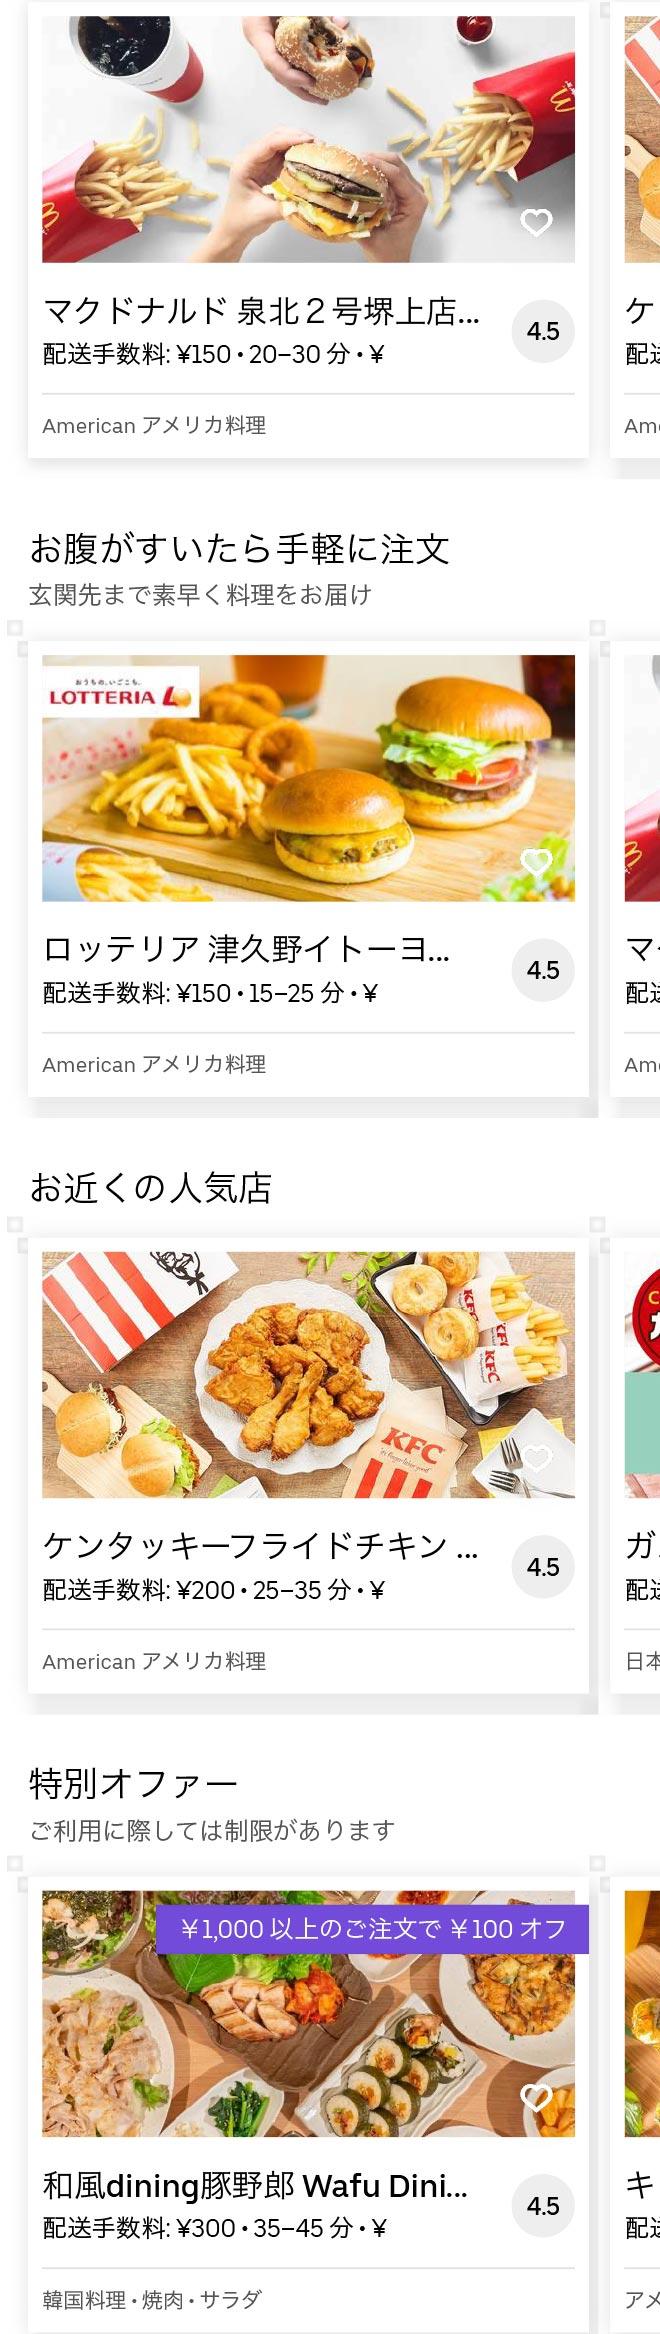 Sakai ootori menu 2005 01